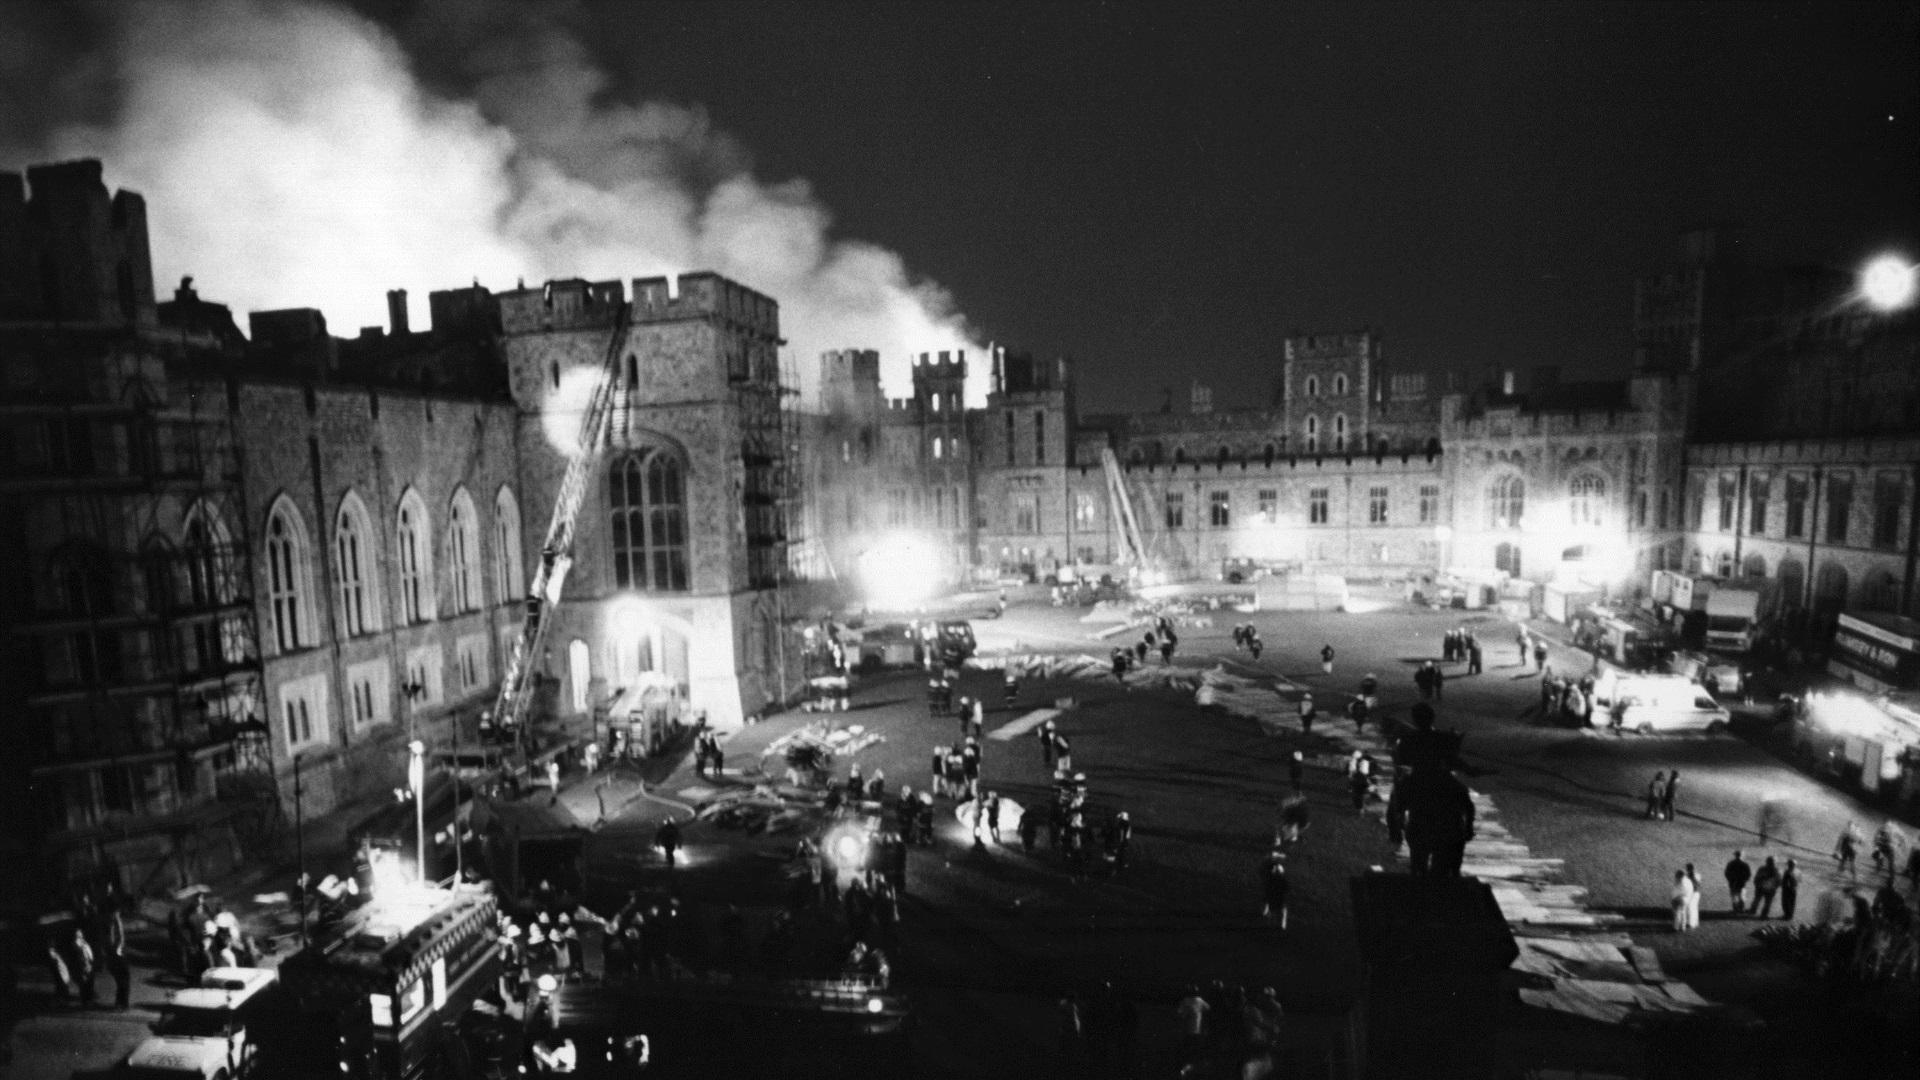 Замъкът Уиндзор е една от най-посещаваните исторически забележителности в Англия. Сегашната кралицаЕлизабет е прекарала голяма част от детството си тук. През 1992 година опустошителен пожар частично унищожава 100 стаи в апартаментите за церемониално и лично ползване на кралицата.Пожарът започва от частния параклис на кралица Виктория, като се смята, че е причинен от прожектор, който бил насочен и поставендозавеса.За реставрацията и обновлението му са похарчени 53 млн. долара.